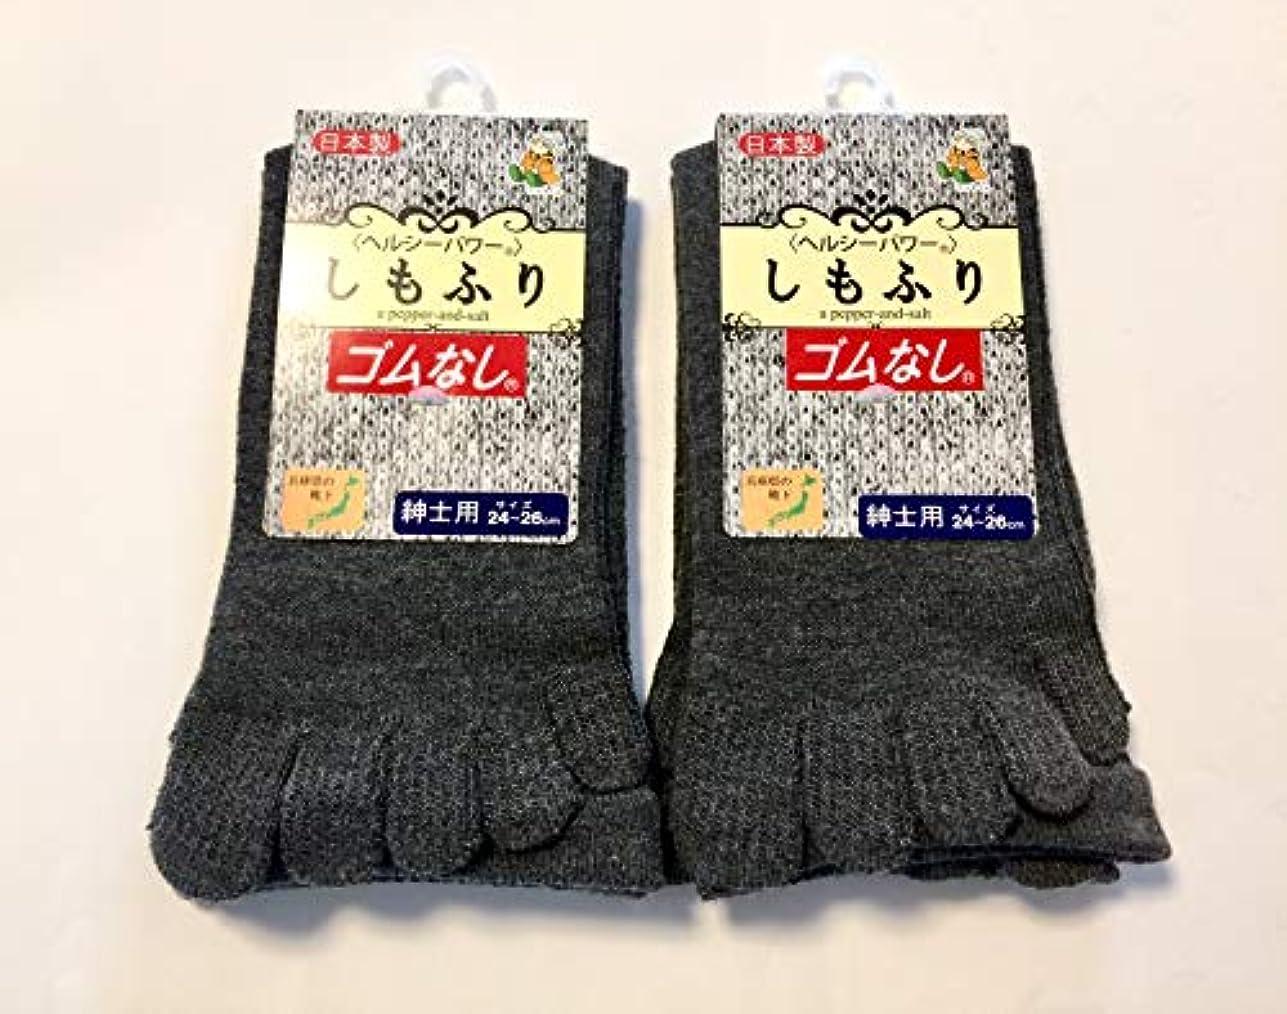 恩赦サイレント発見する日本製 5本指ソックス メンズ 口ゴムなし しめつけない靴下 24~26cm チャコール2足組